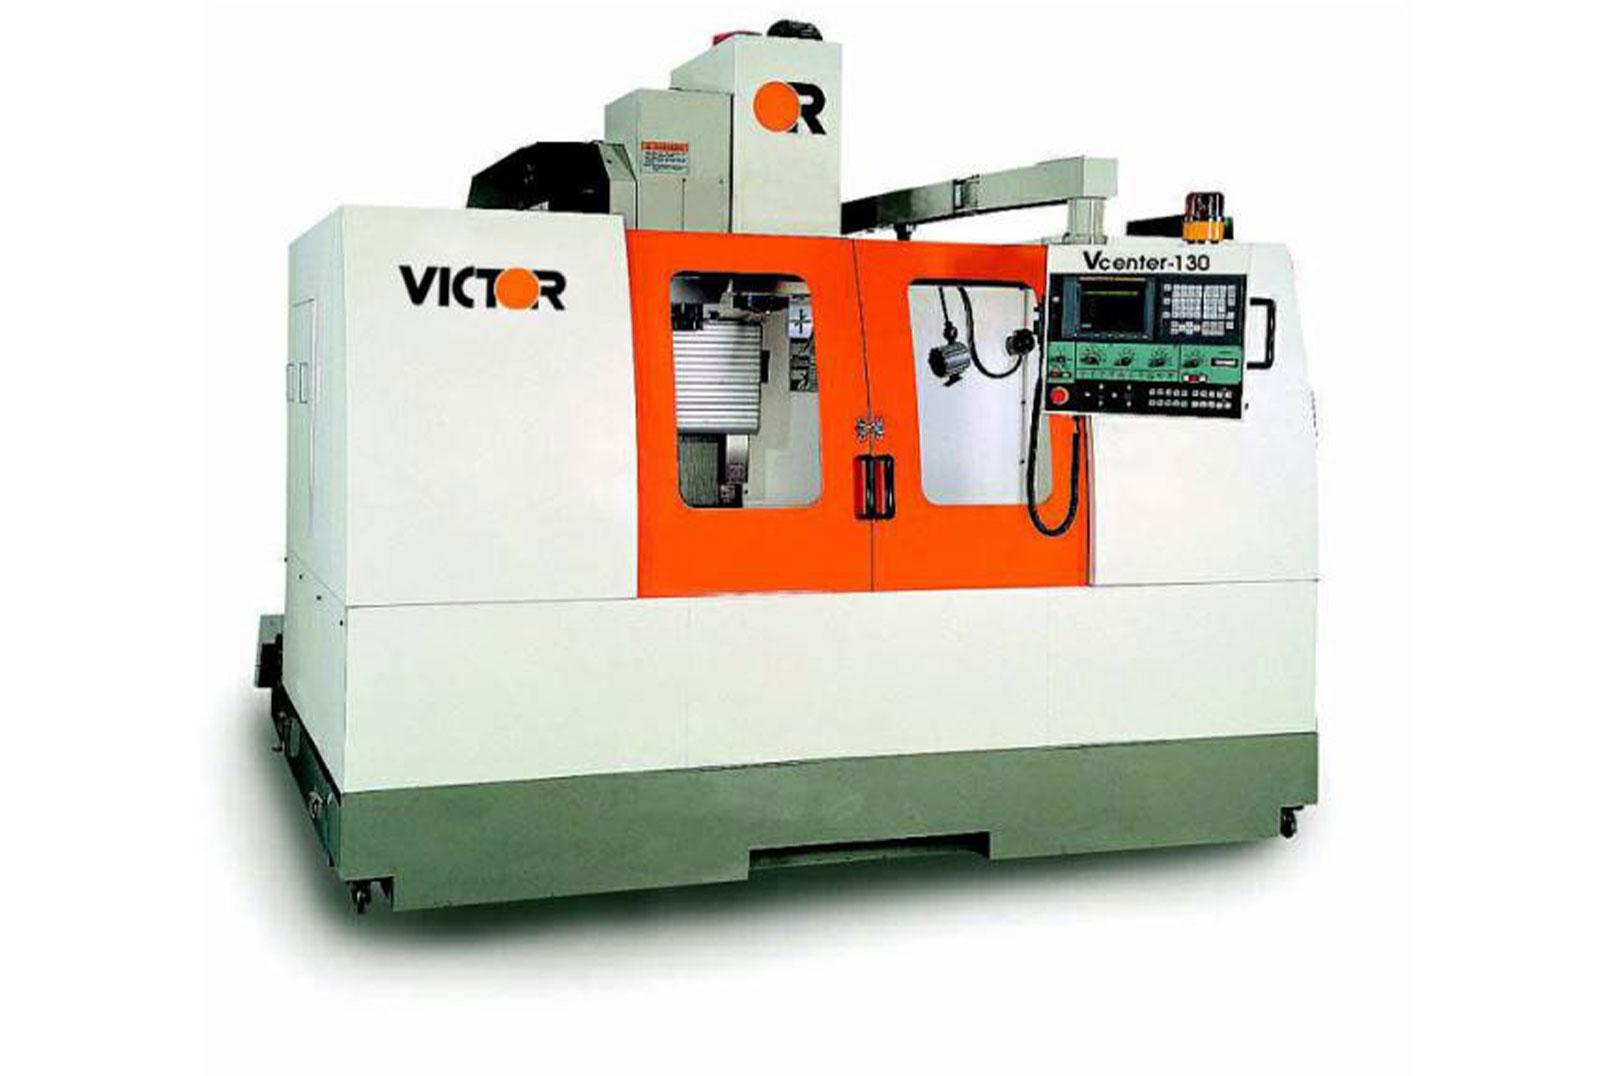 Victor centri di lavoro verticali modelli VC 130